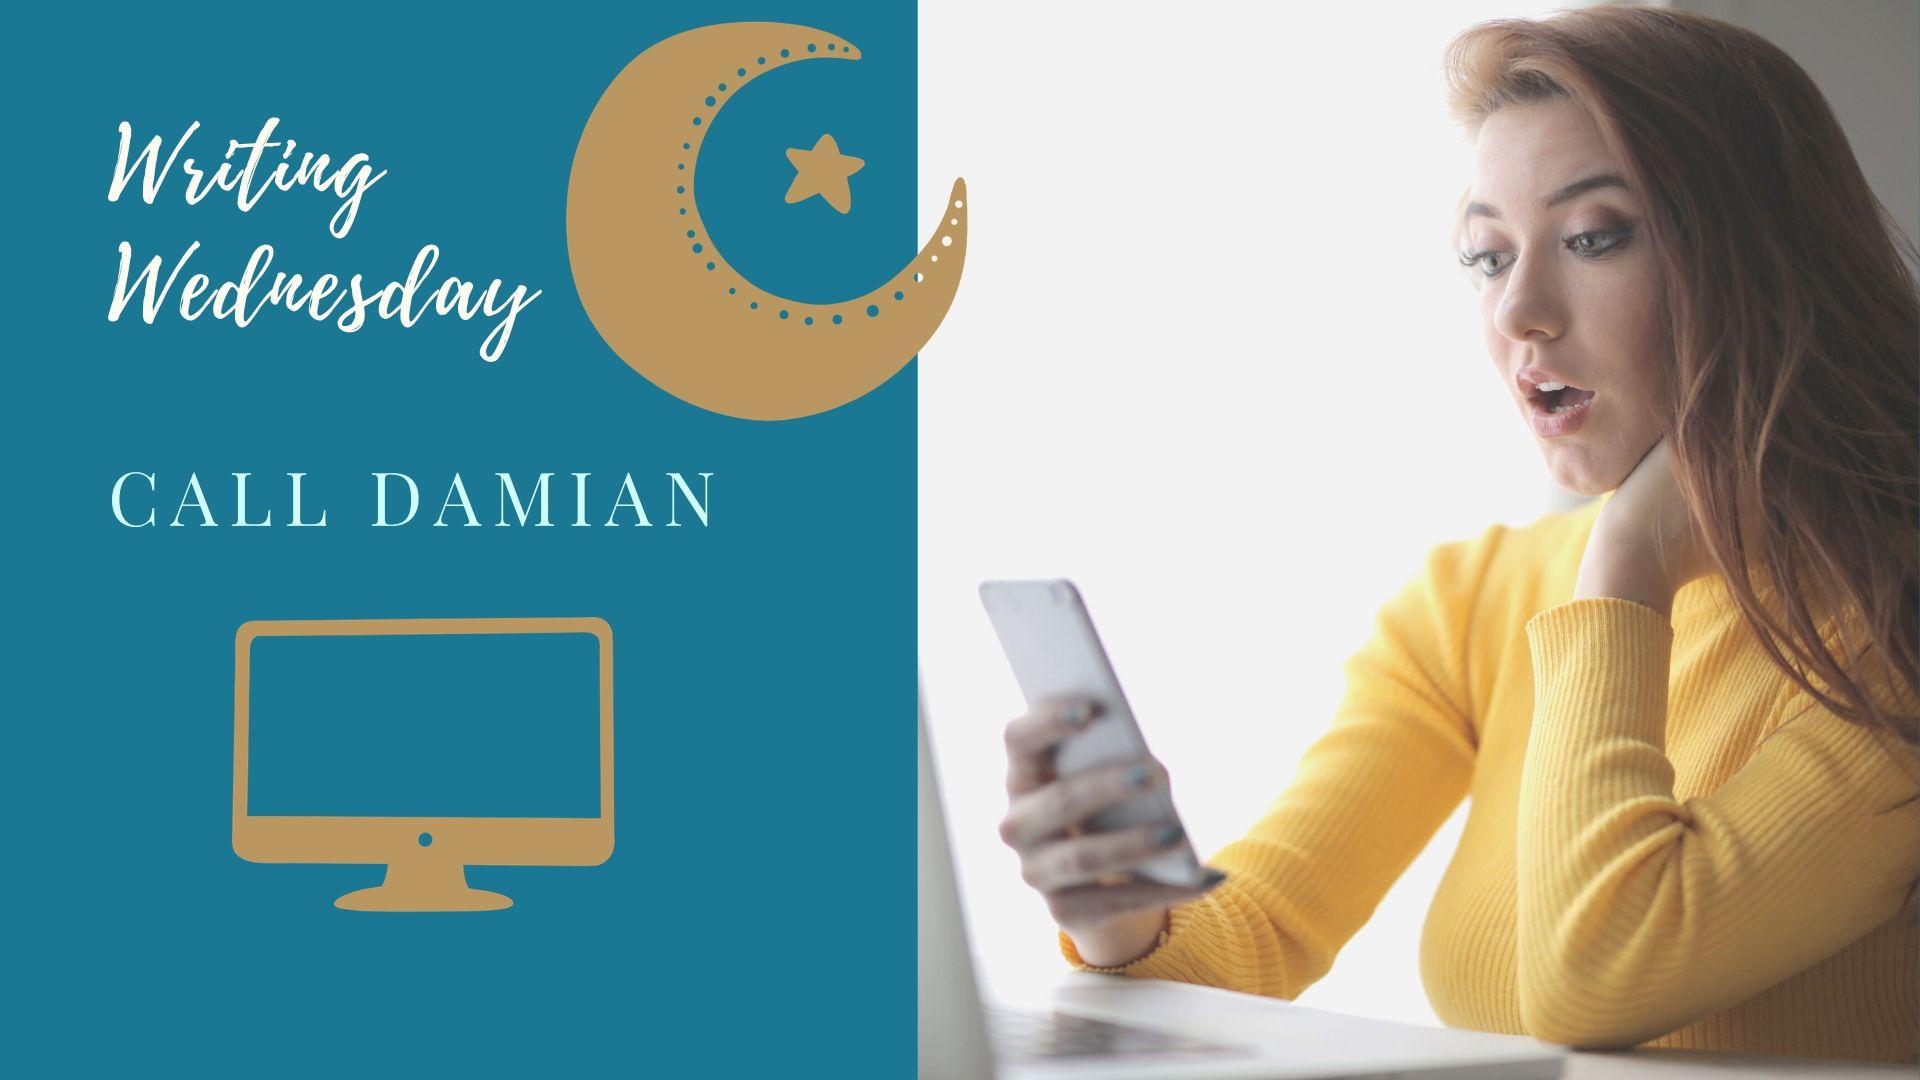 Writing Wednesday: Call Damian